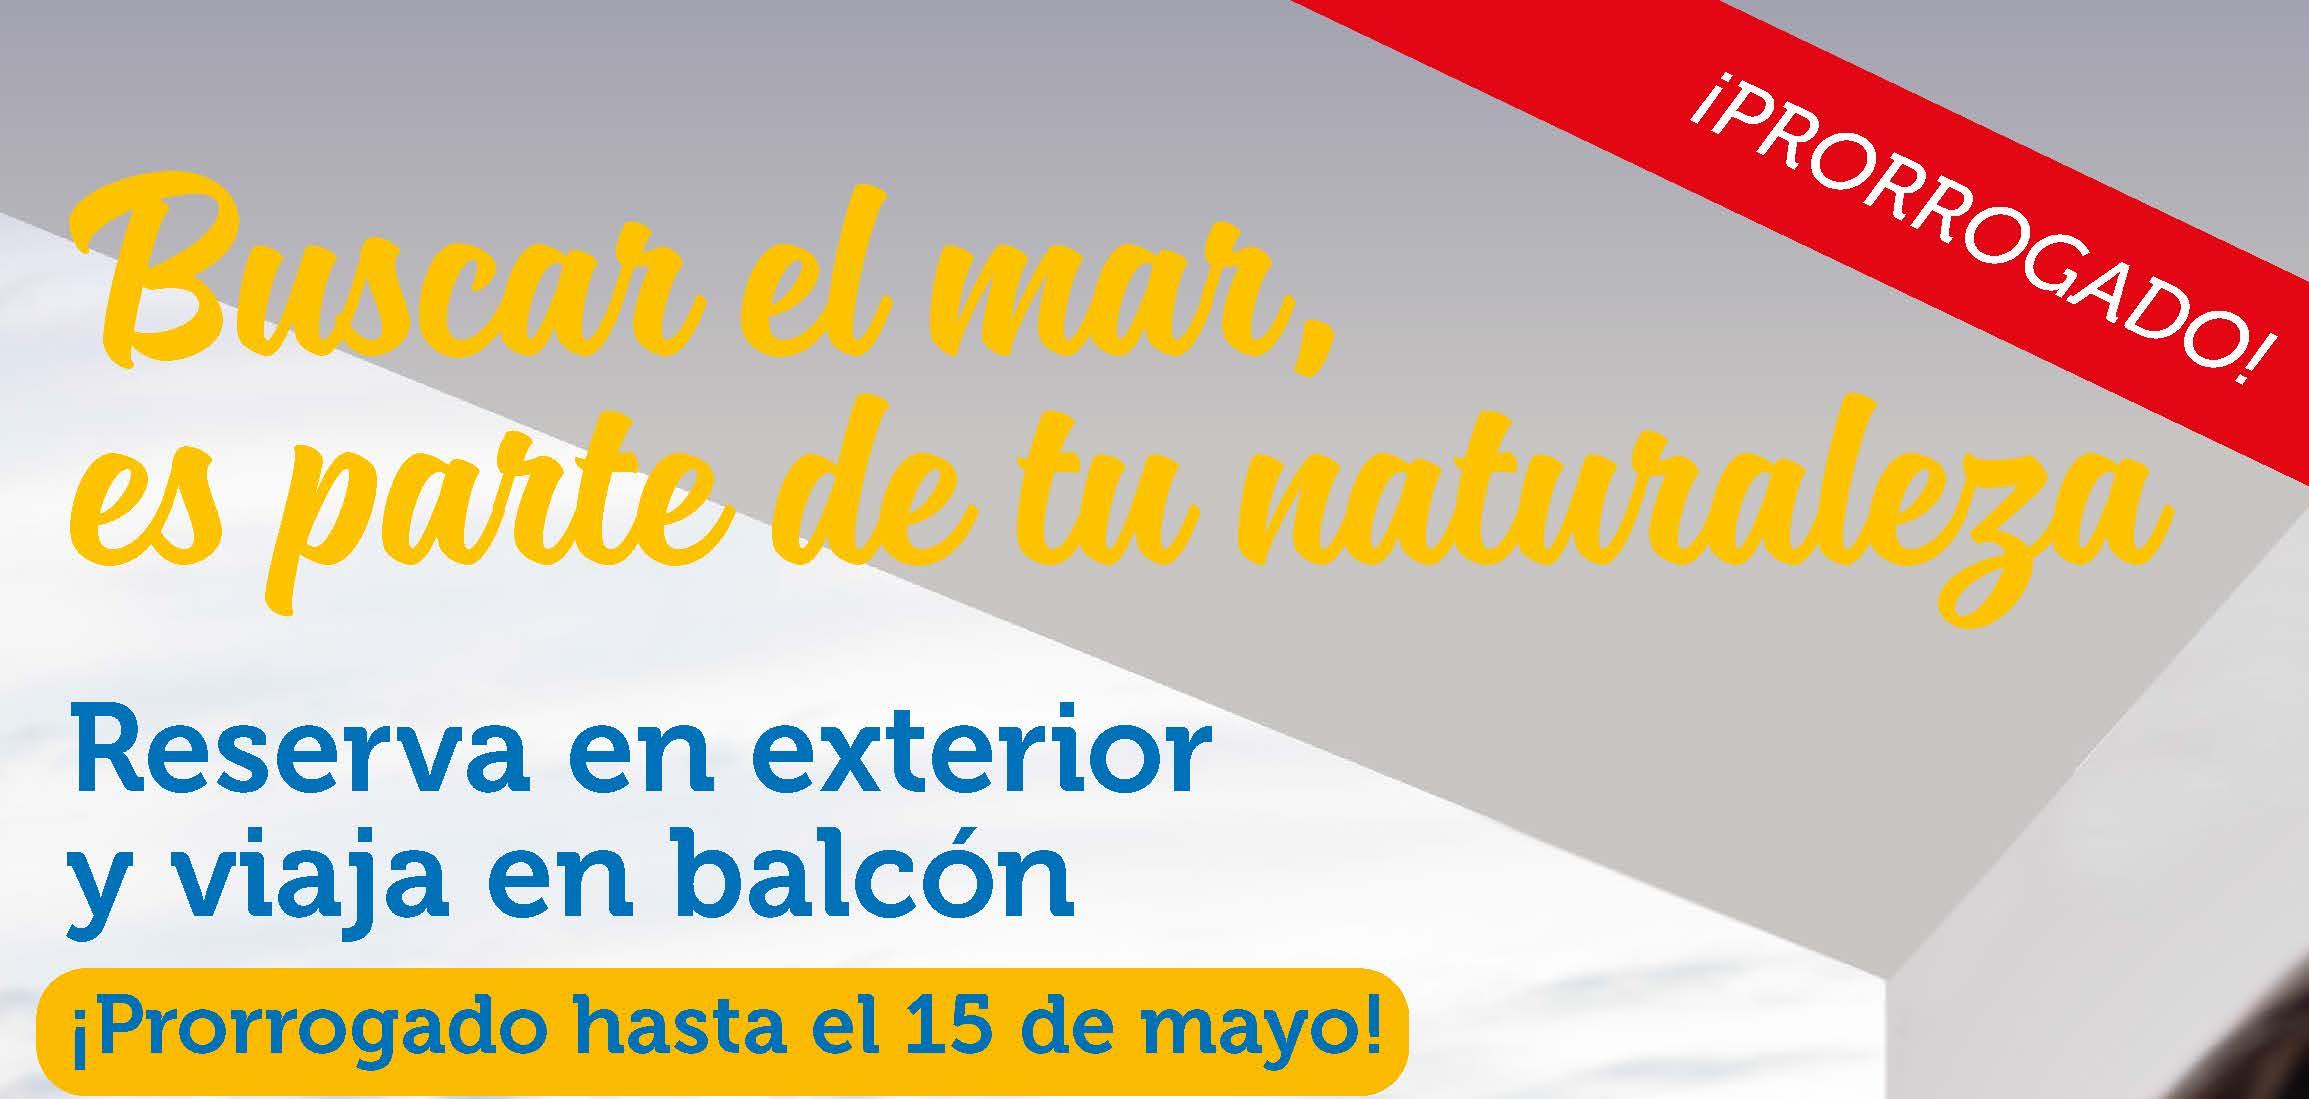 Viaja en Balcón a precio de Exterior